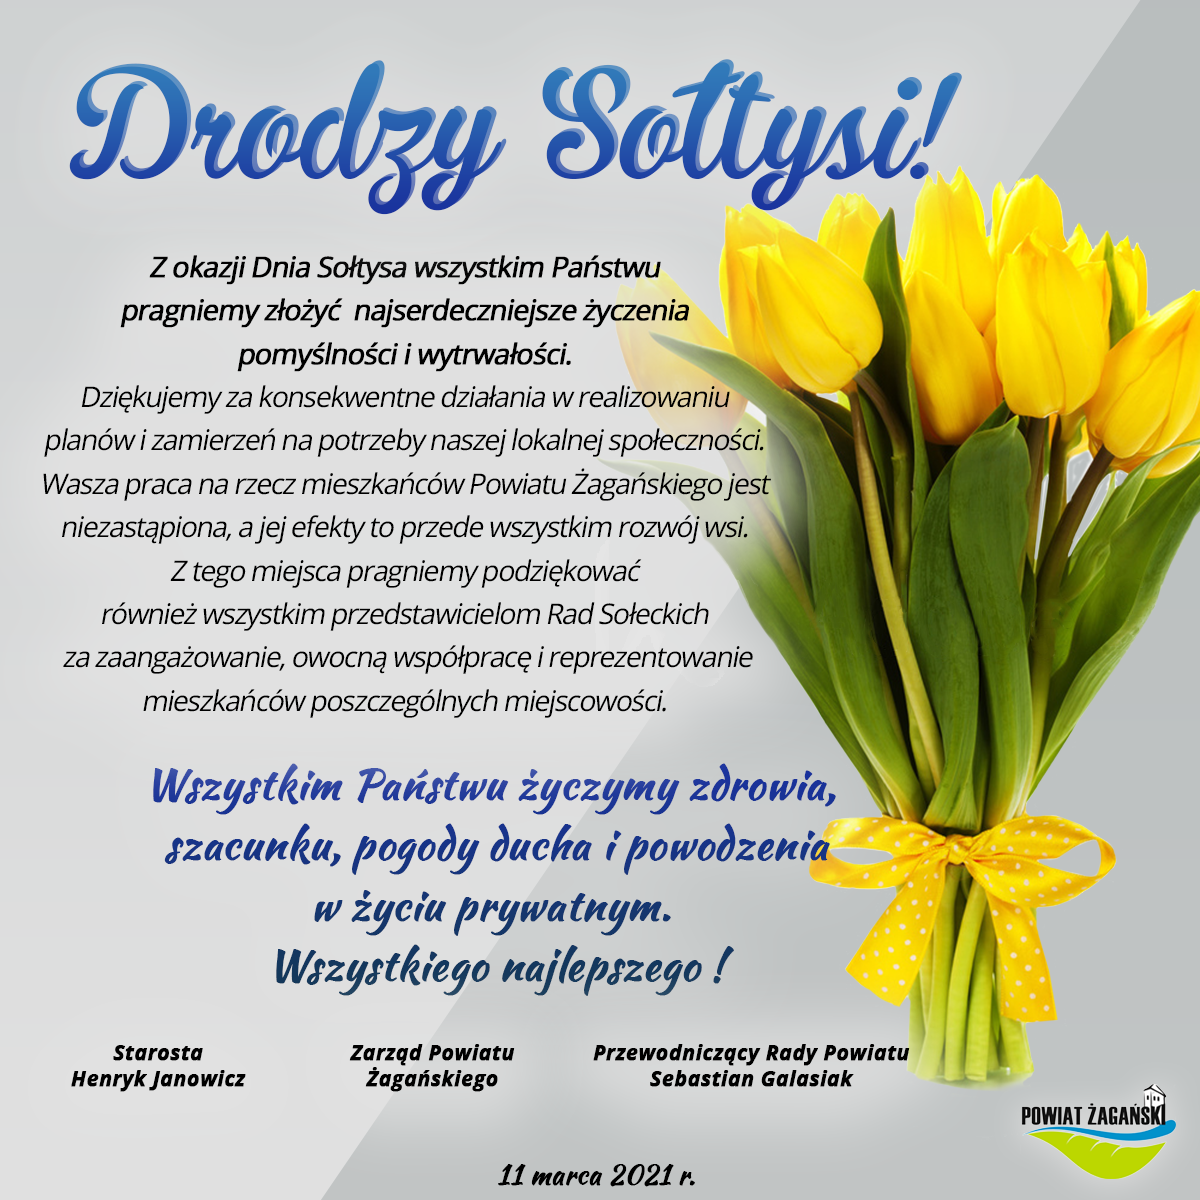 Ilustracja do informacji: Z okazji Dnia Sołtysa od Powiatu Żagańskiego wszystkiego najlepszego!